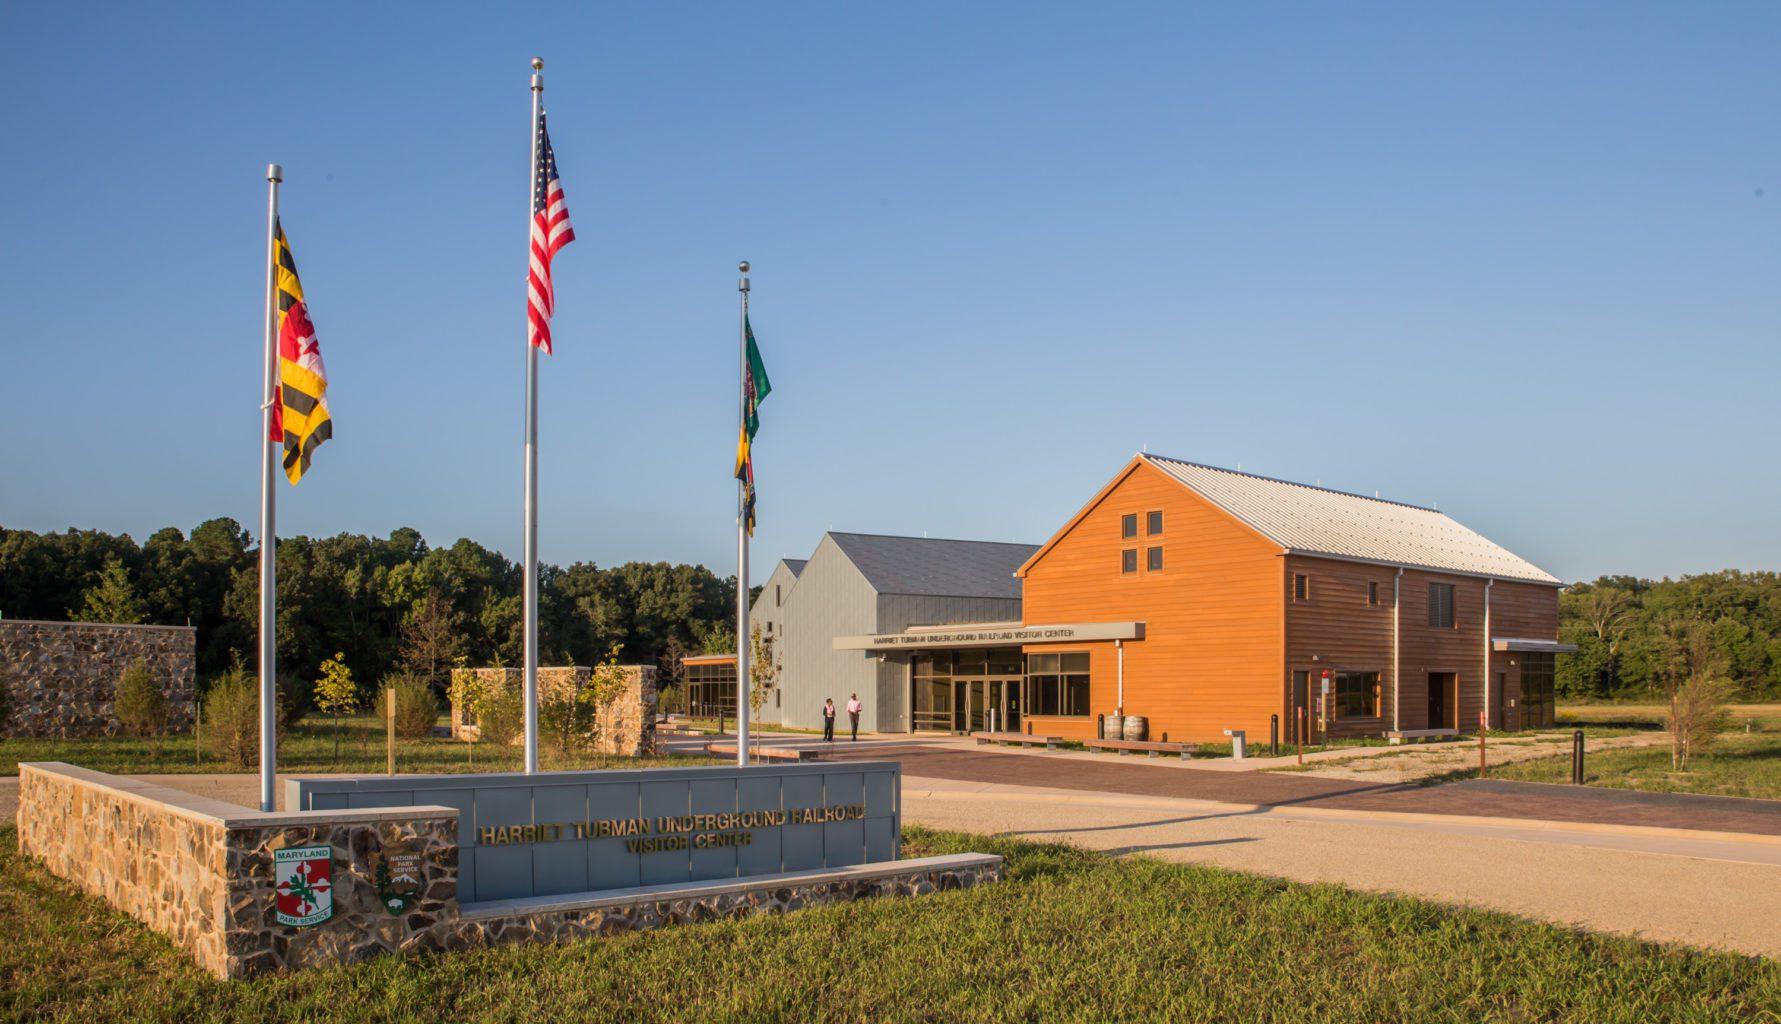 The Harriet Tubman Underground Railroad Visitor Center.